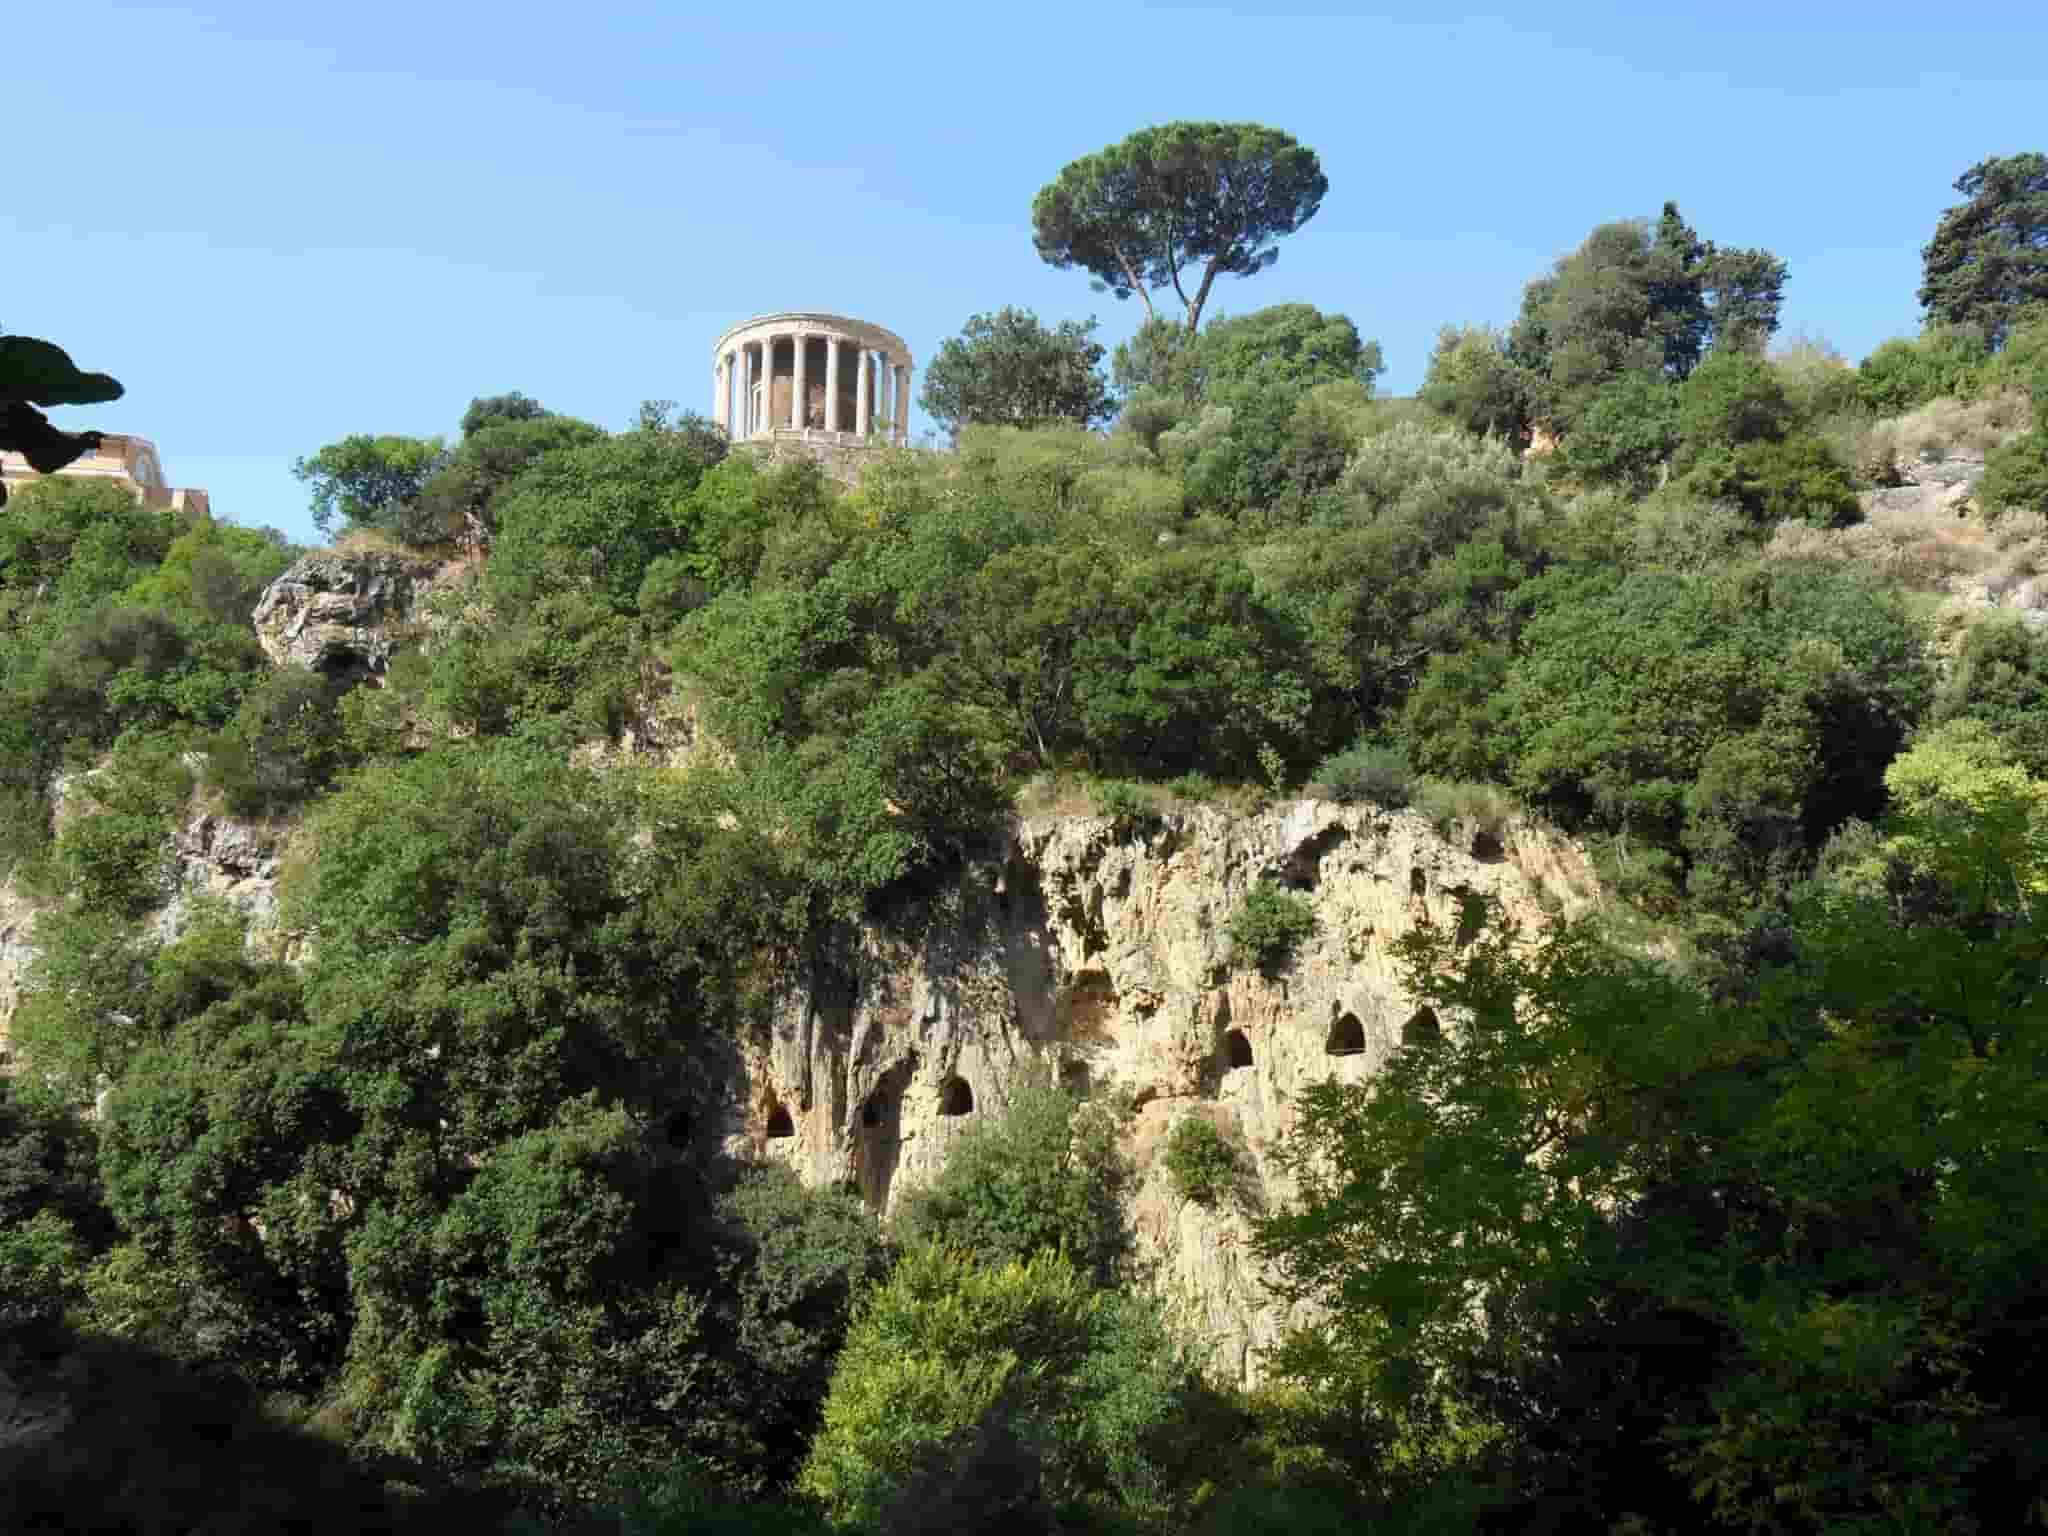 Collina con alberi; in cima il Tempio romano di vesta. Sotto tunnel scavati nella roccia. Villa Greogoriana